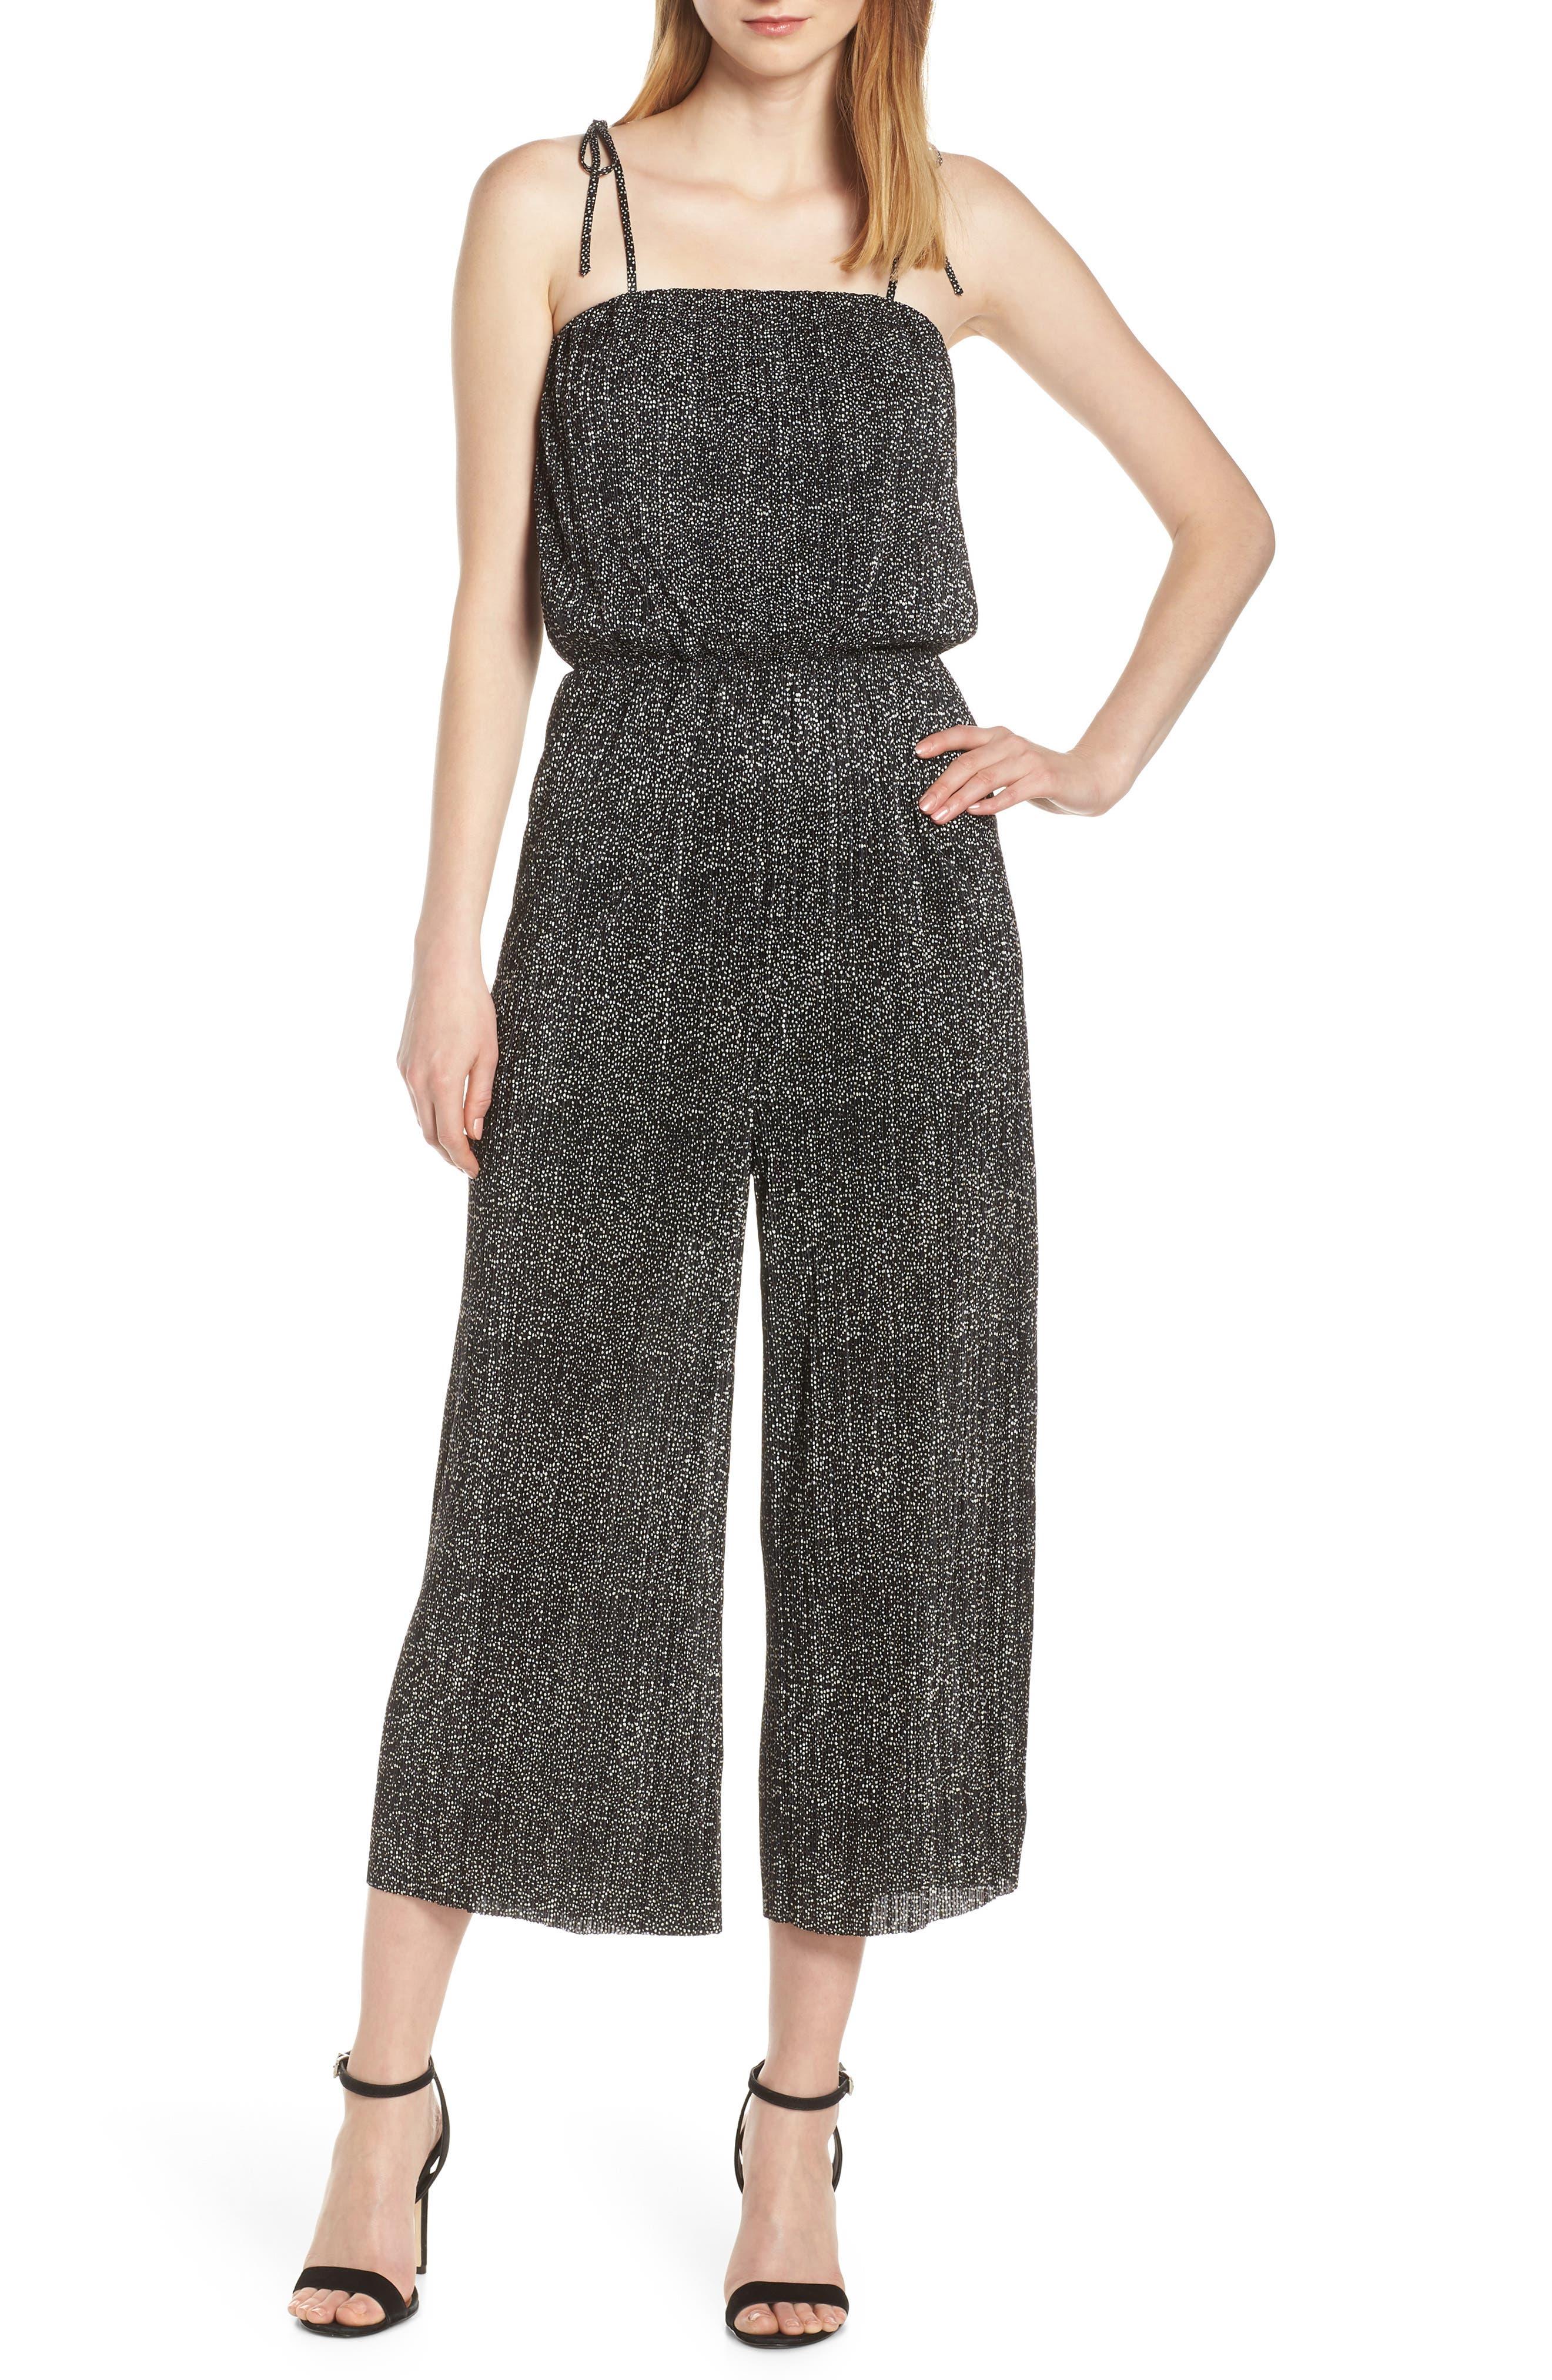 19 COOPER Tie Shoulder Jumpsuit, Main, color, BLACK/ WHITE